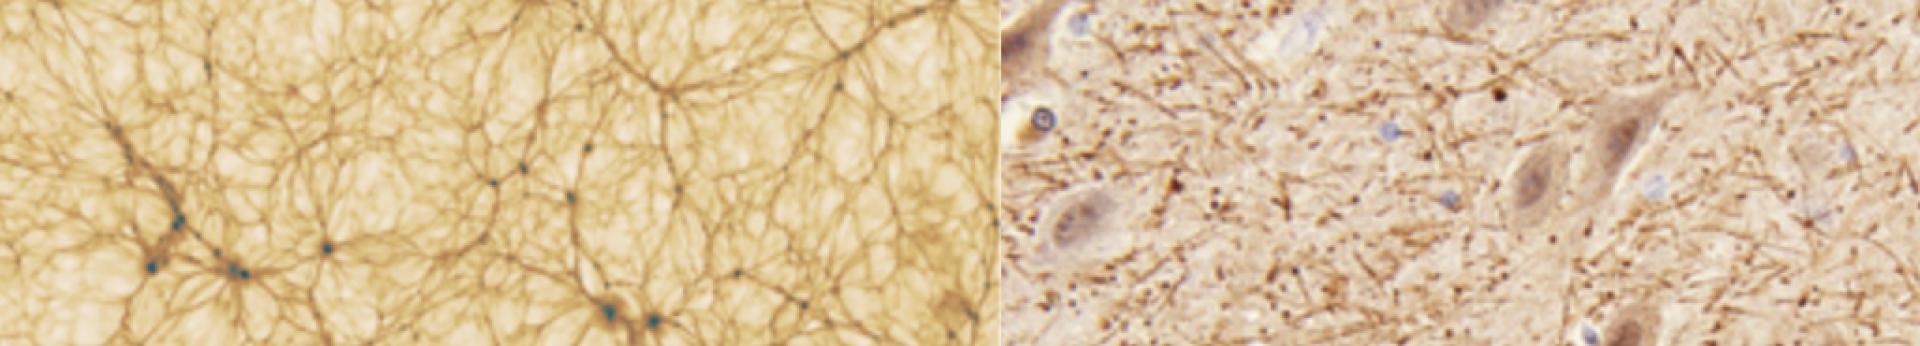 Coincidenze cosmiche: le inaspettate similarità tra rete cosmica e neuronale -